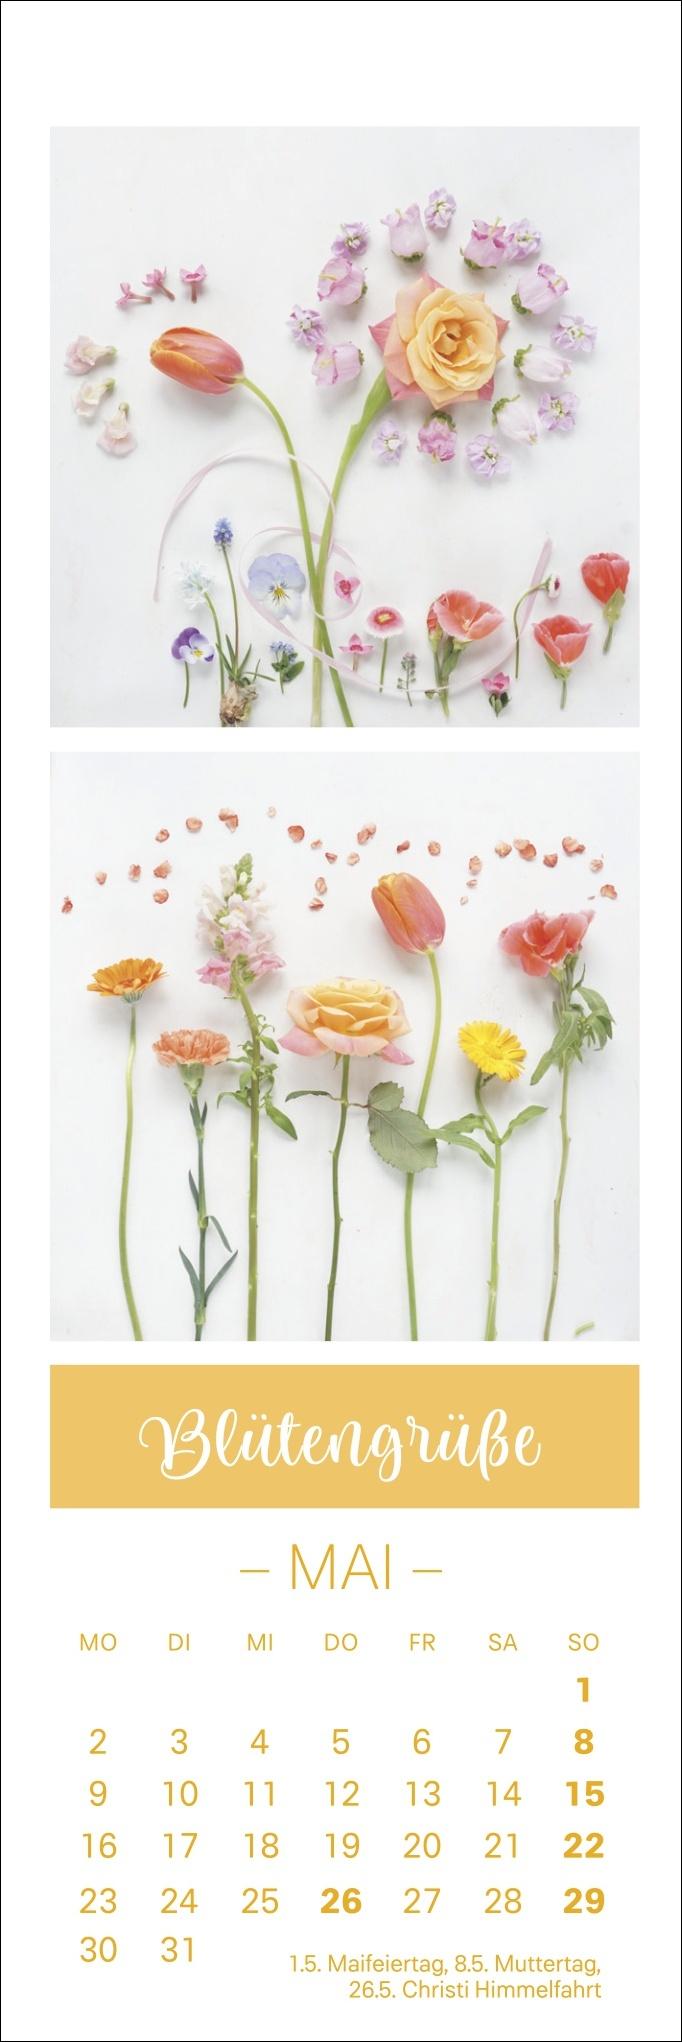 Smettikage Blütengrüße Lesezeichen & Kalender 2022